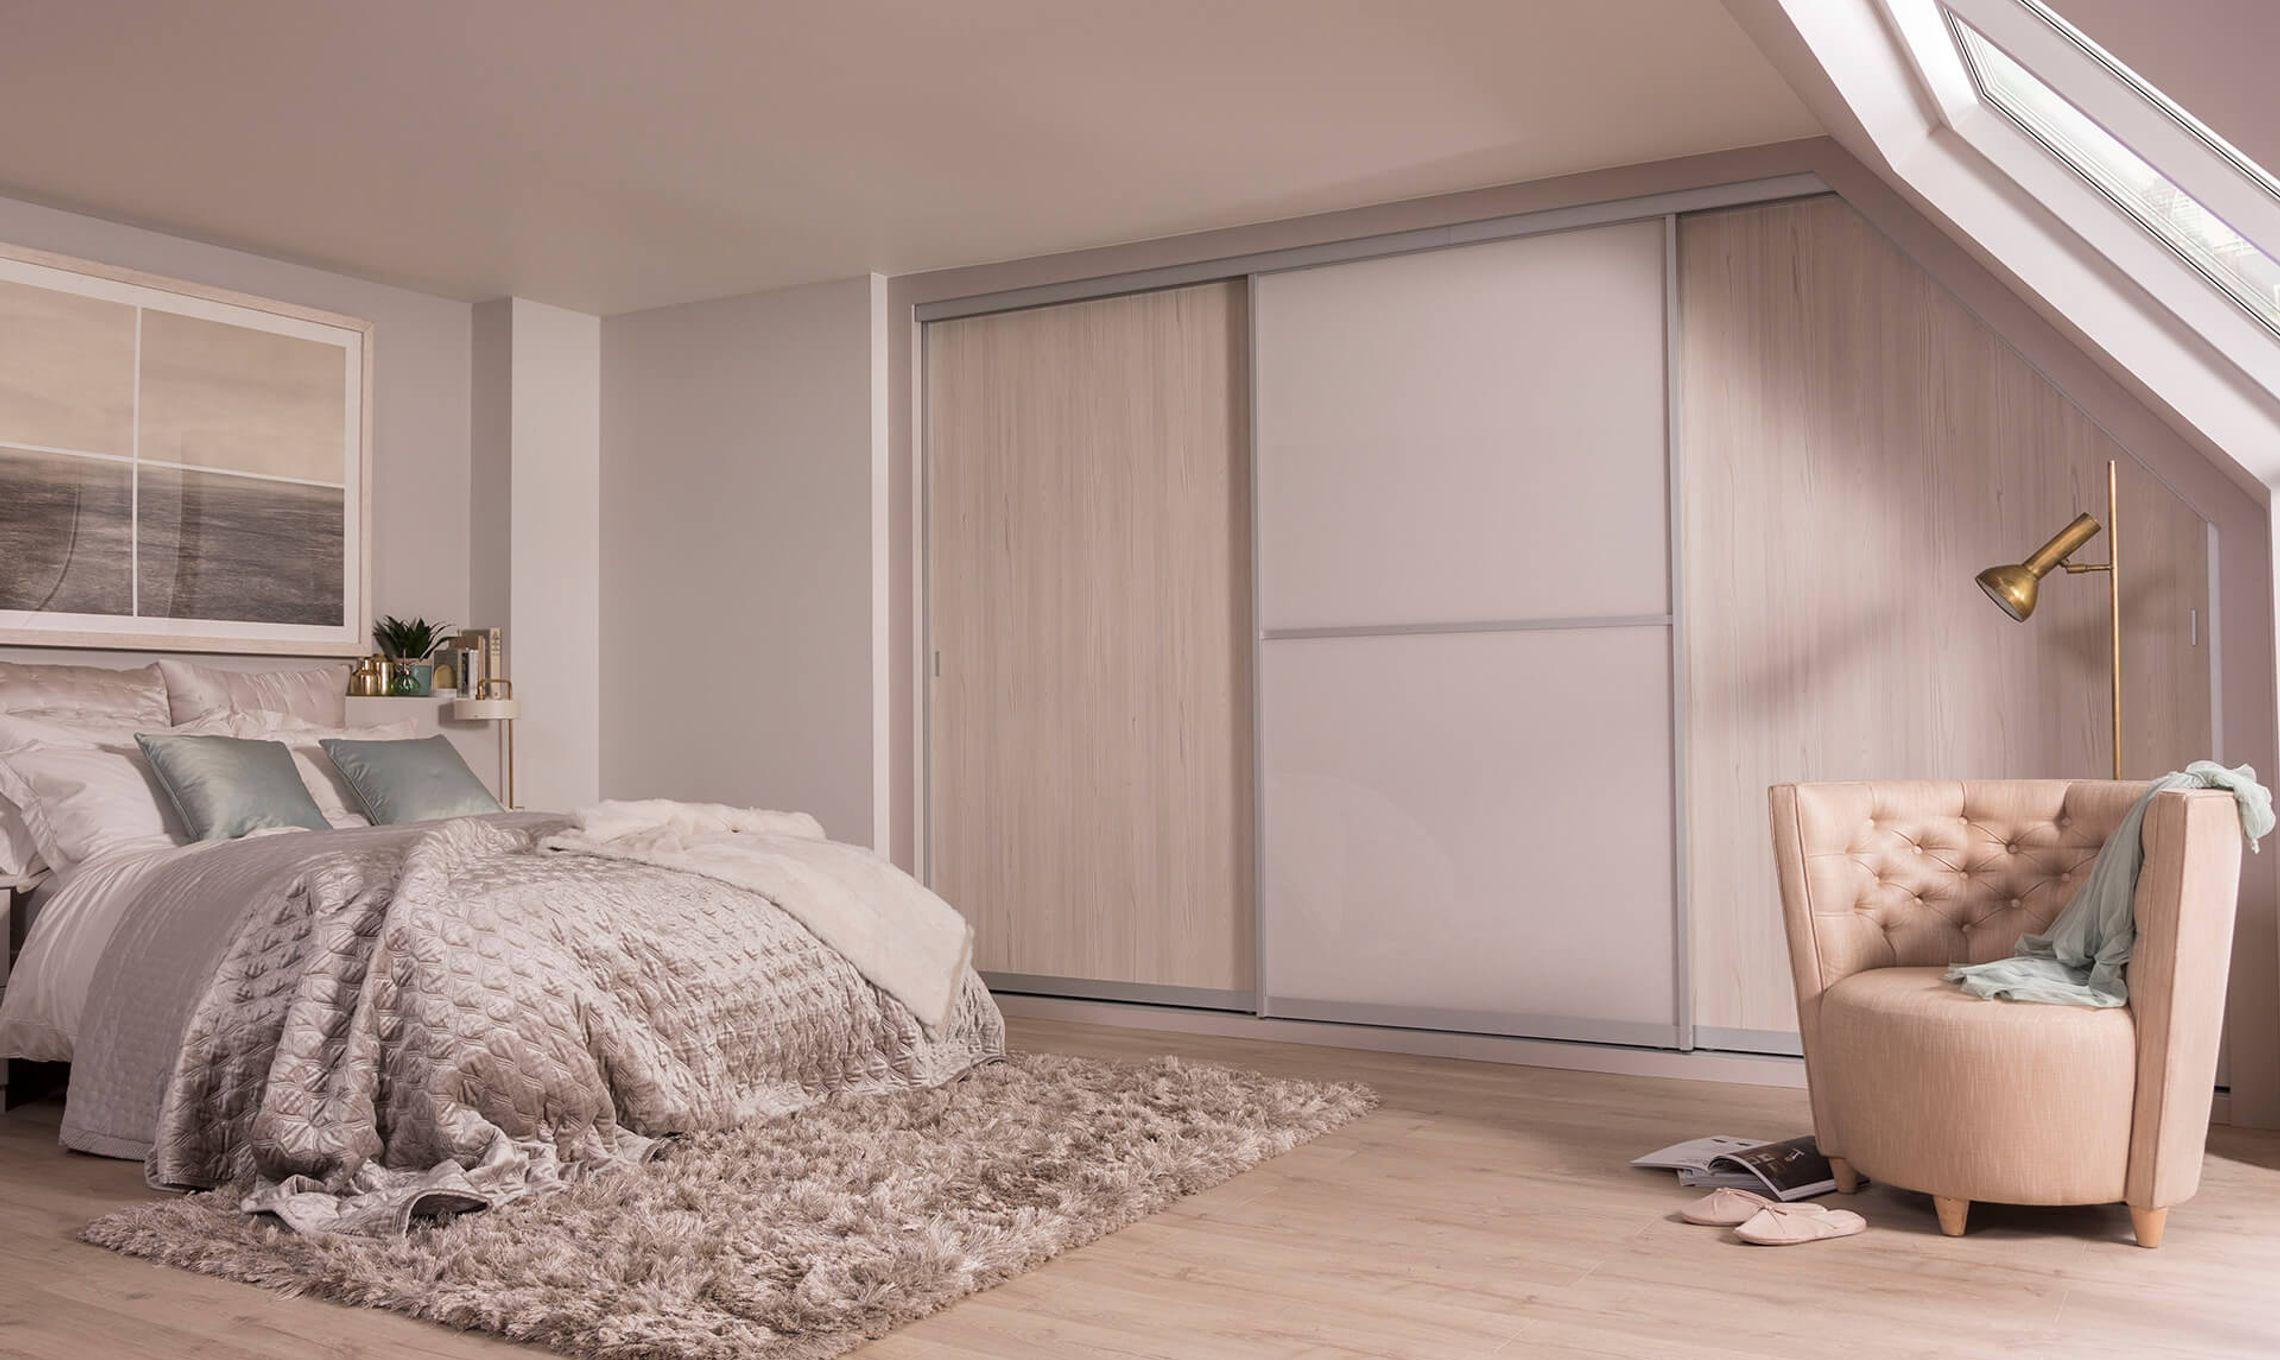 Hotel Luxe Sliding Doors (29)